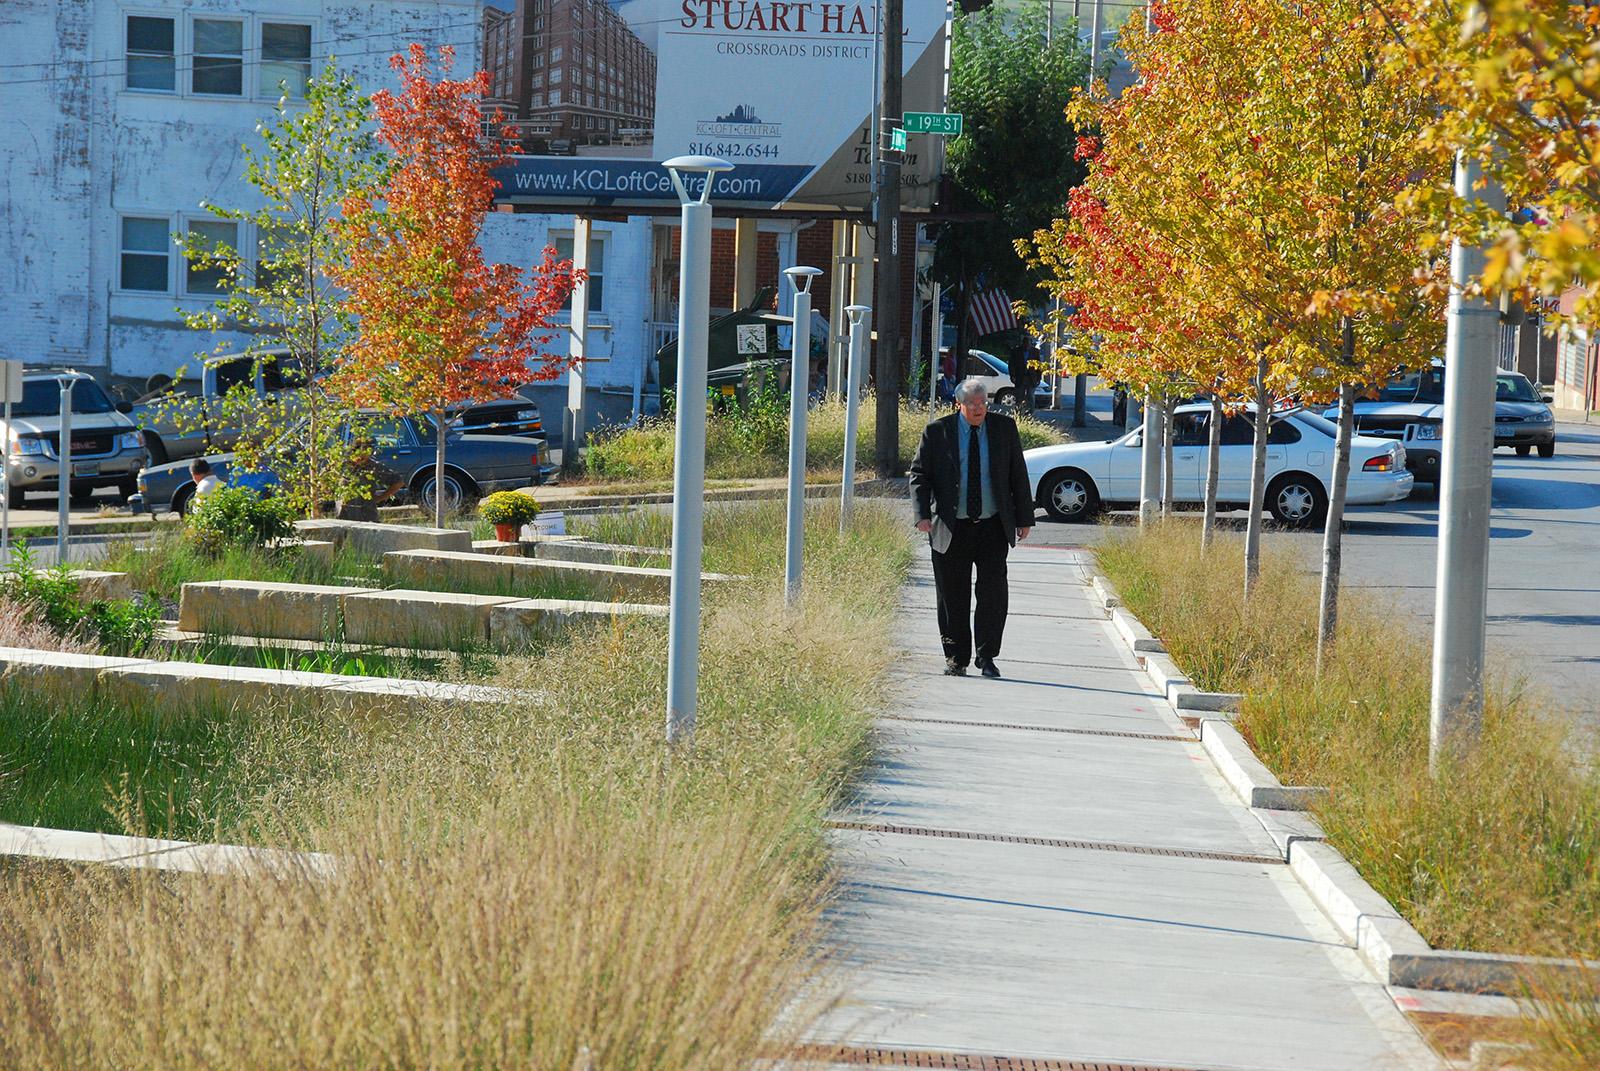 18B Streetscape & Urban Garden